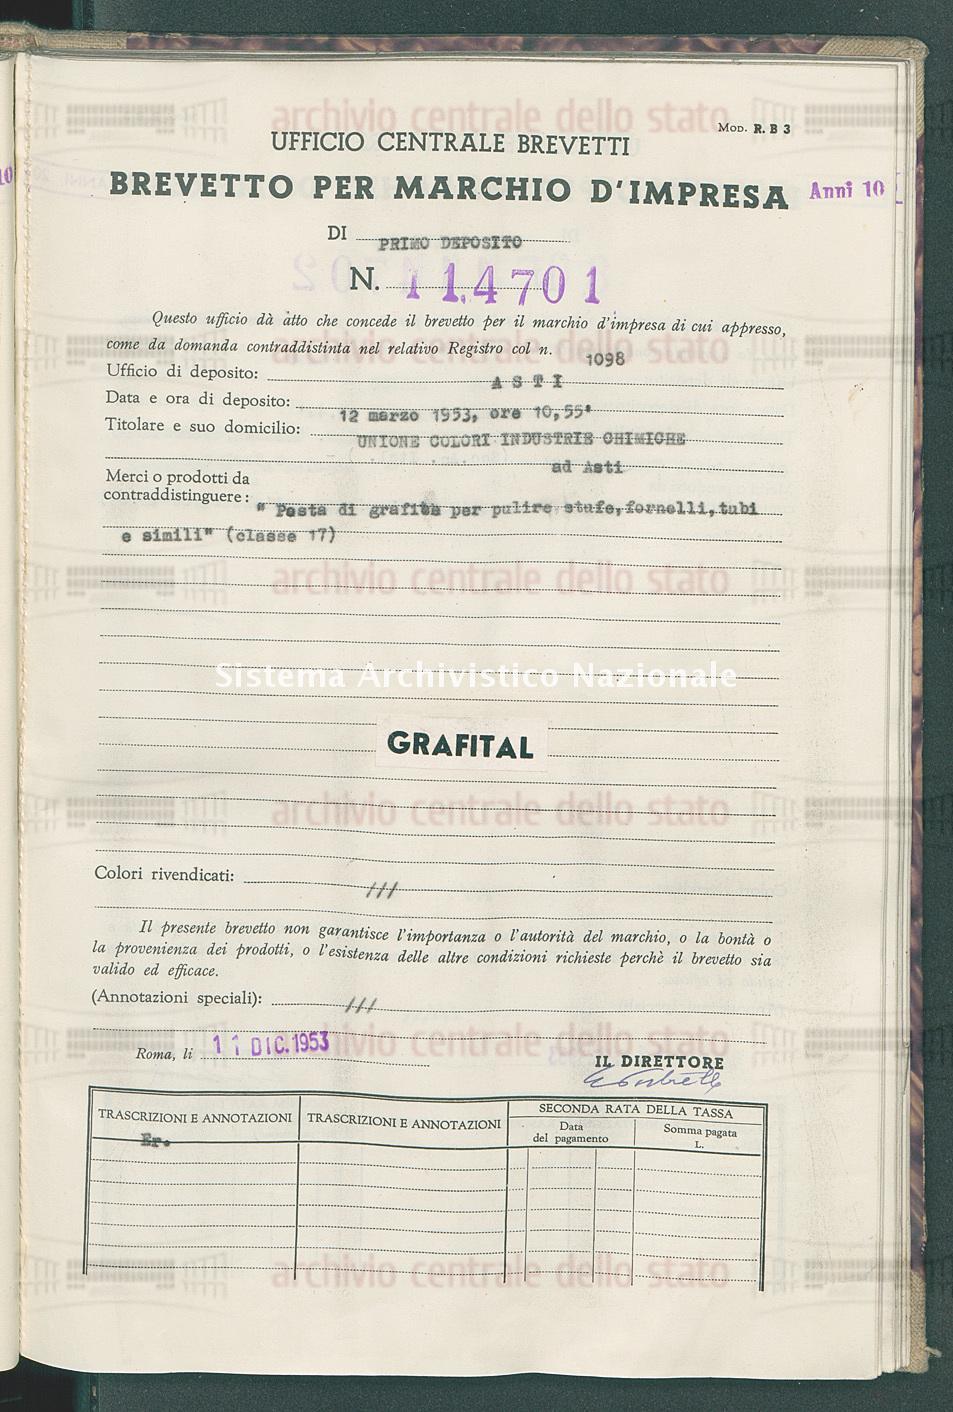 'Festa di grafite per pulire stufe, fornelli, tubi e simili' Unione Colori Industrie Chimiche (11/12/1953)